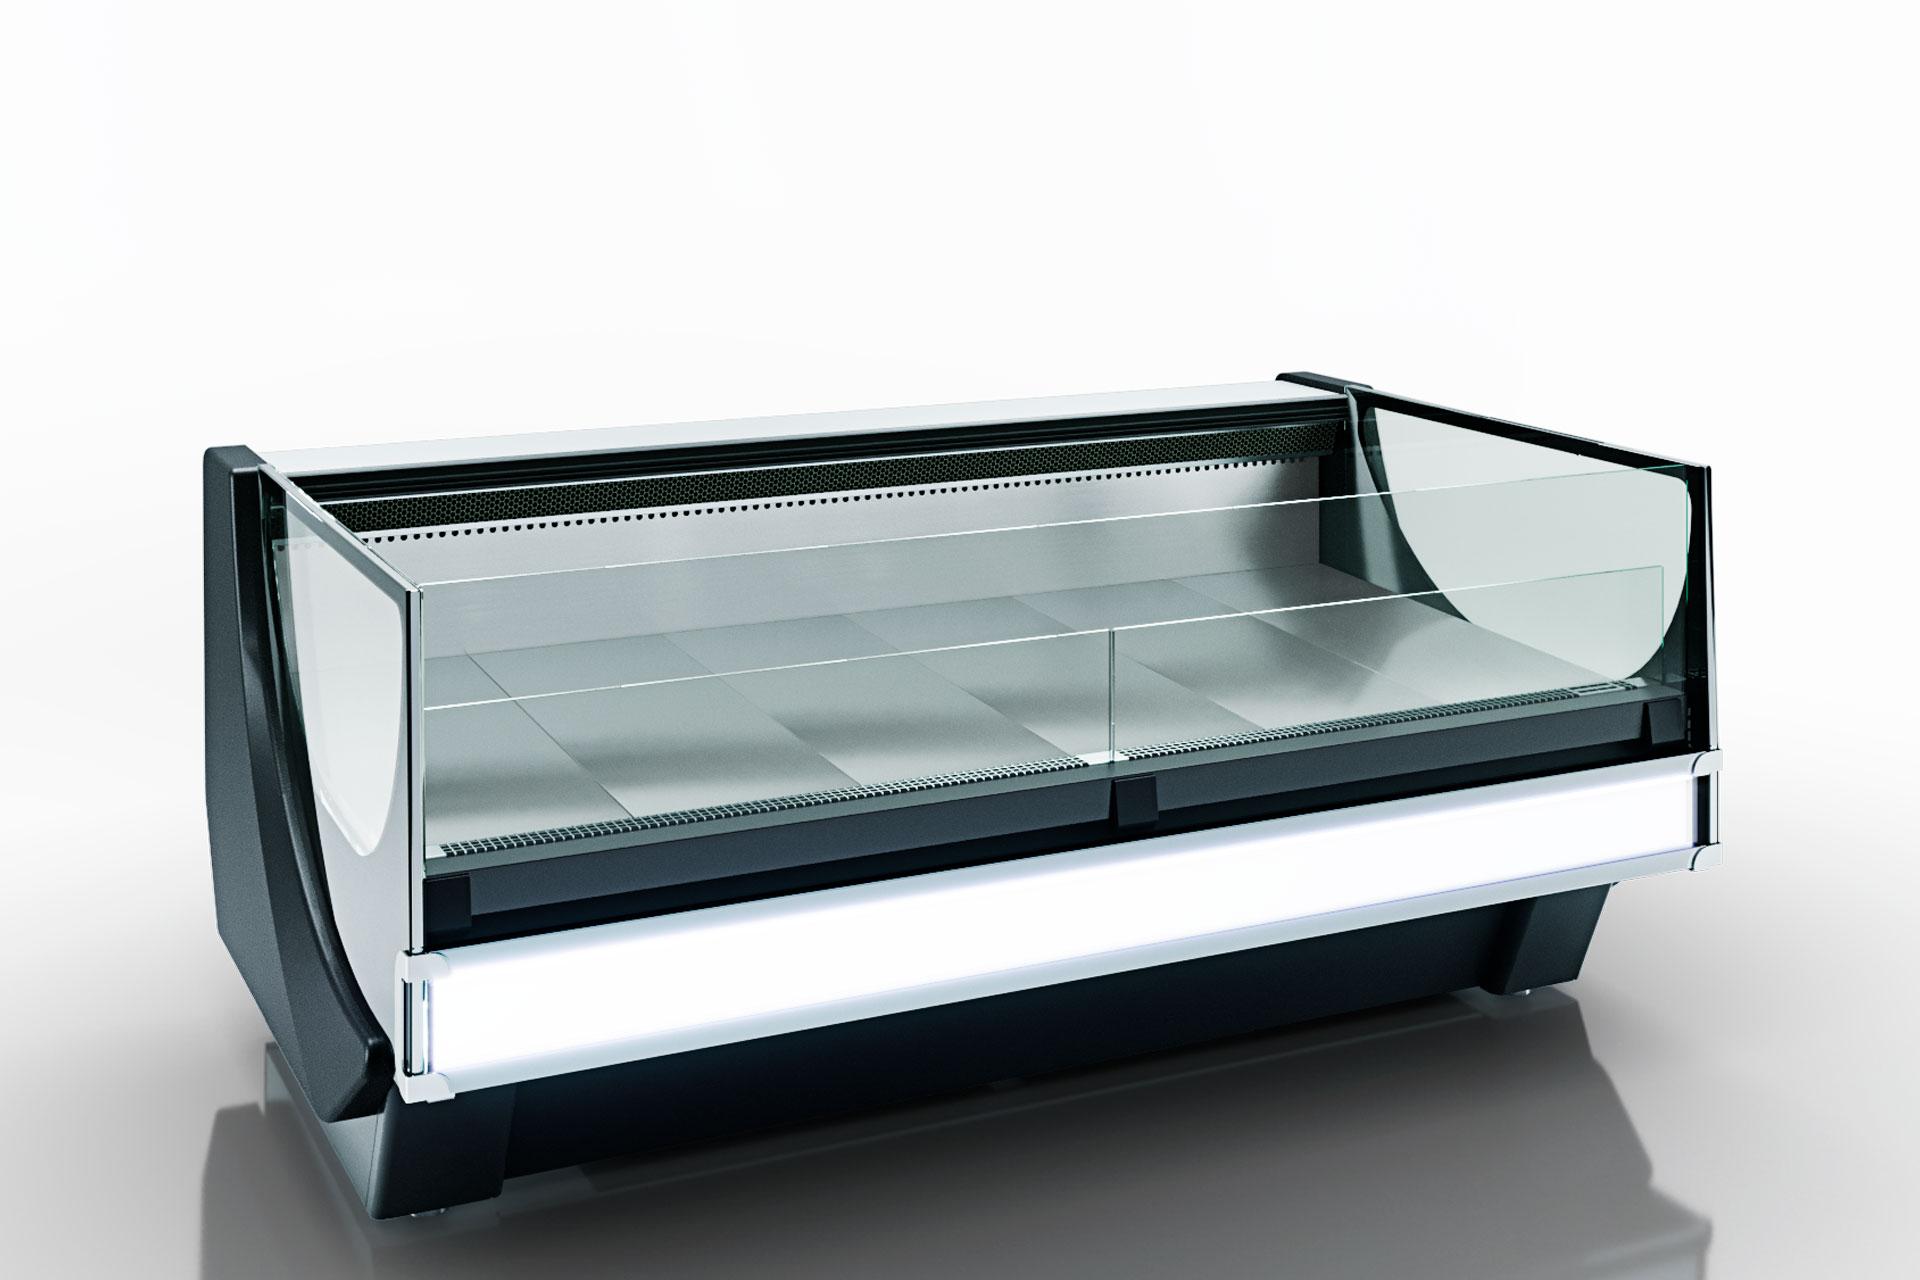 Refrigerated counters Missouri cold diamond MC 115 deli self 084-DLM/DLA